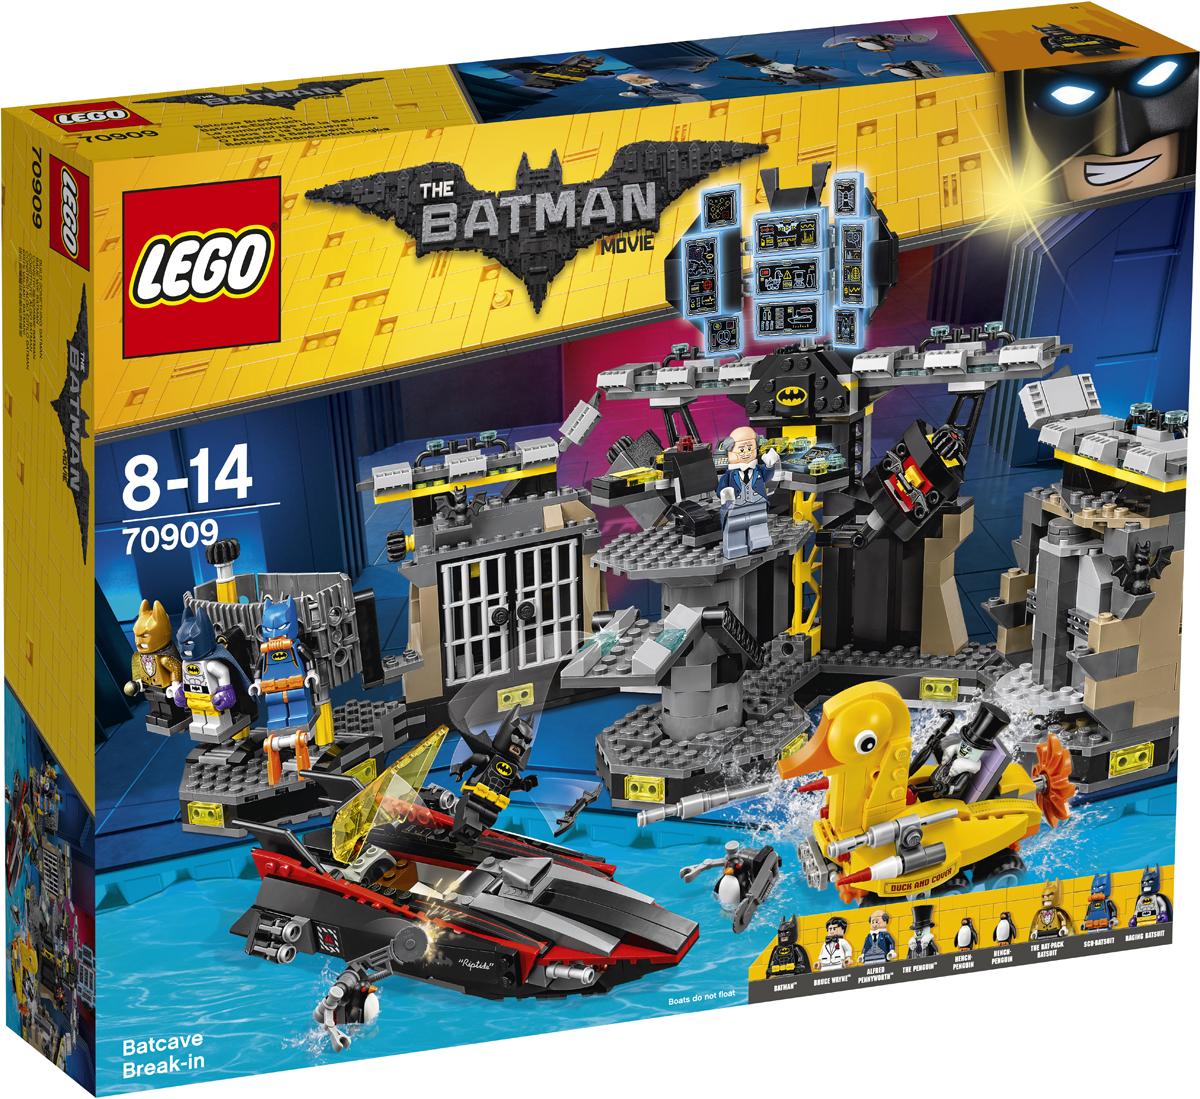 LEGO Batman Movie Конструктор Нападение на Бэтпещеру 70909 конструкторы lego lego разрушительное нападение двуликого batman movie 70915